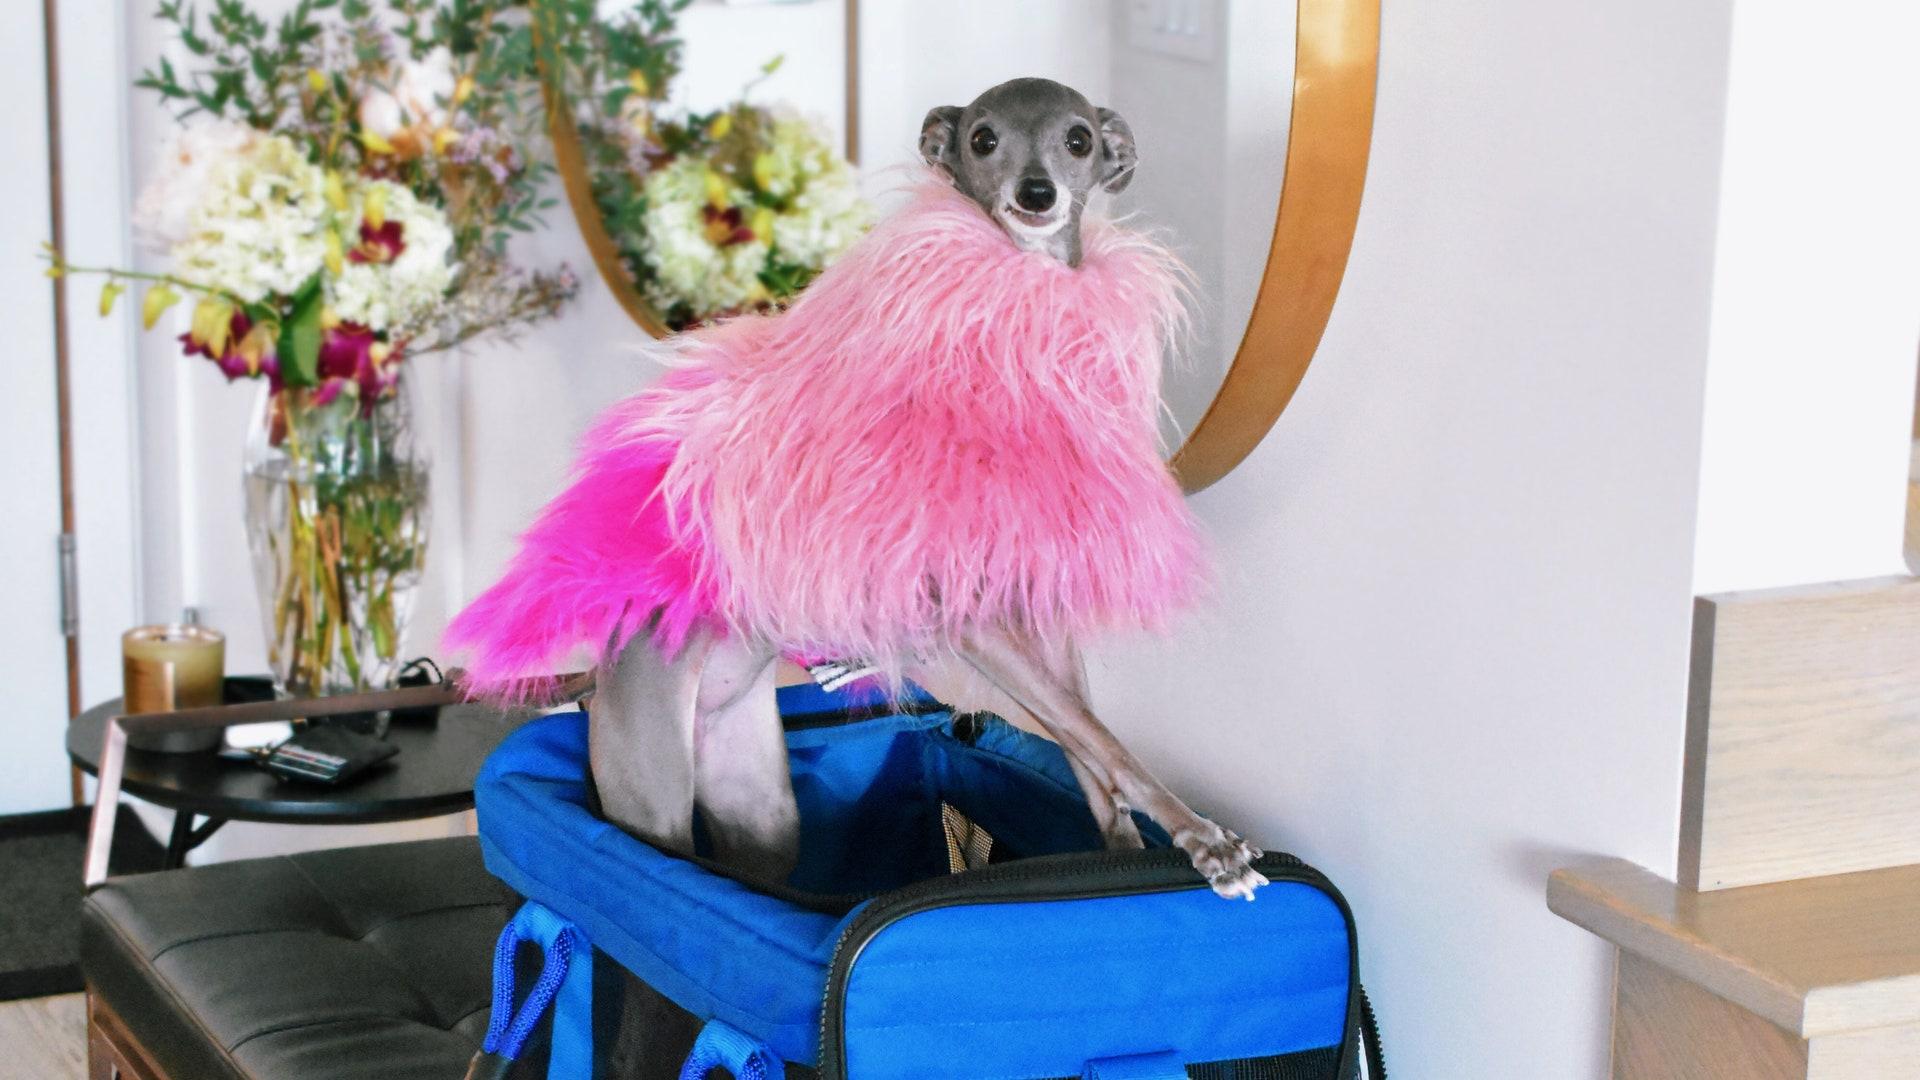 とびきりクールなワンちゃん、「ティカ・ザ・イギィ」のモードなファッション。 | Vogue Japan